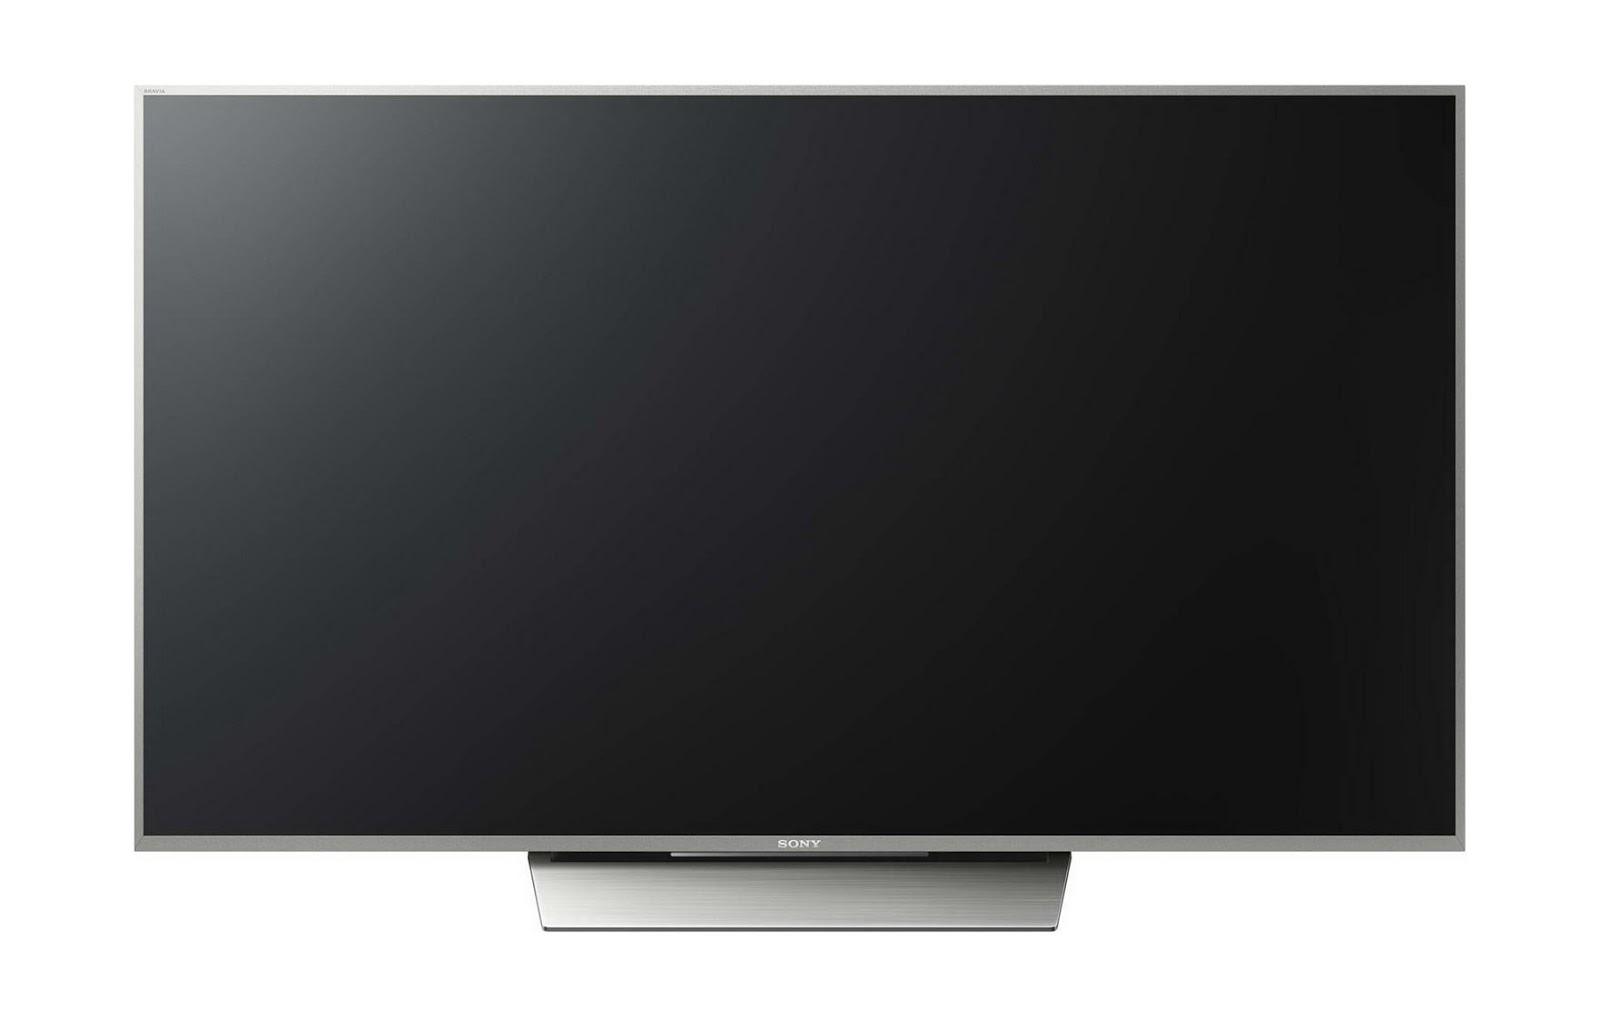 تلفزيونات سوني Sony في السعودية